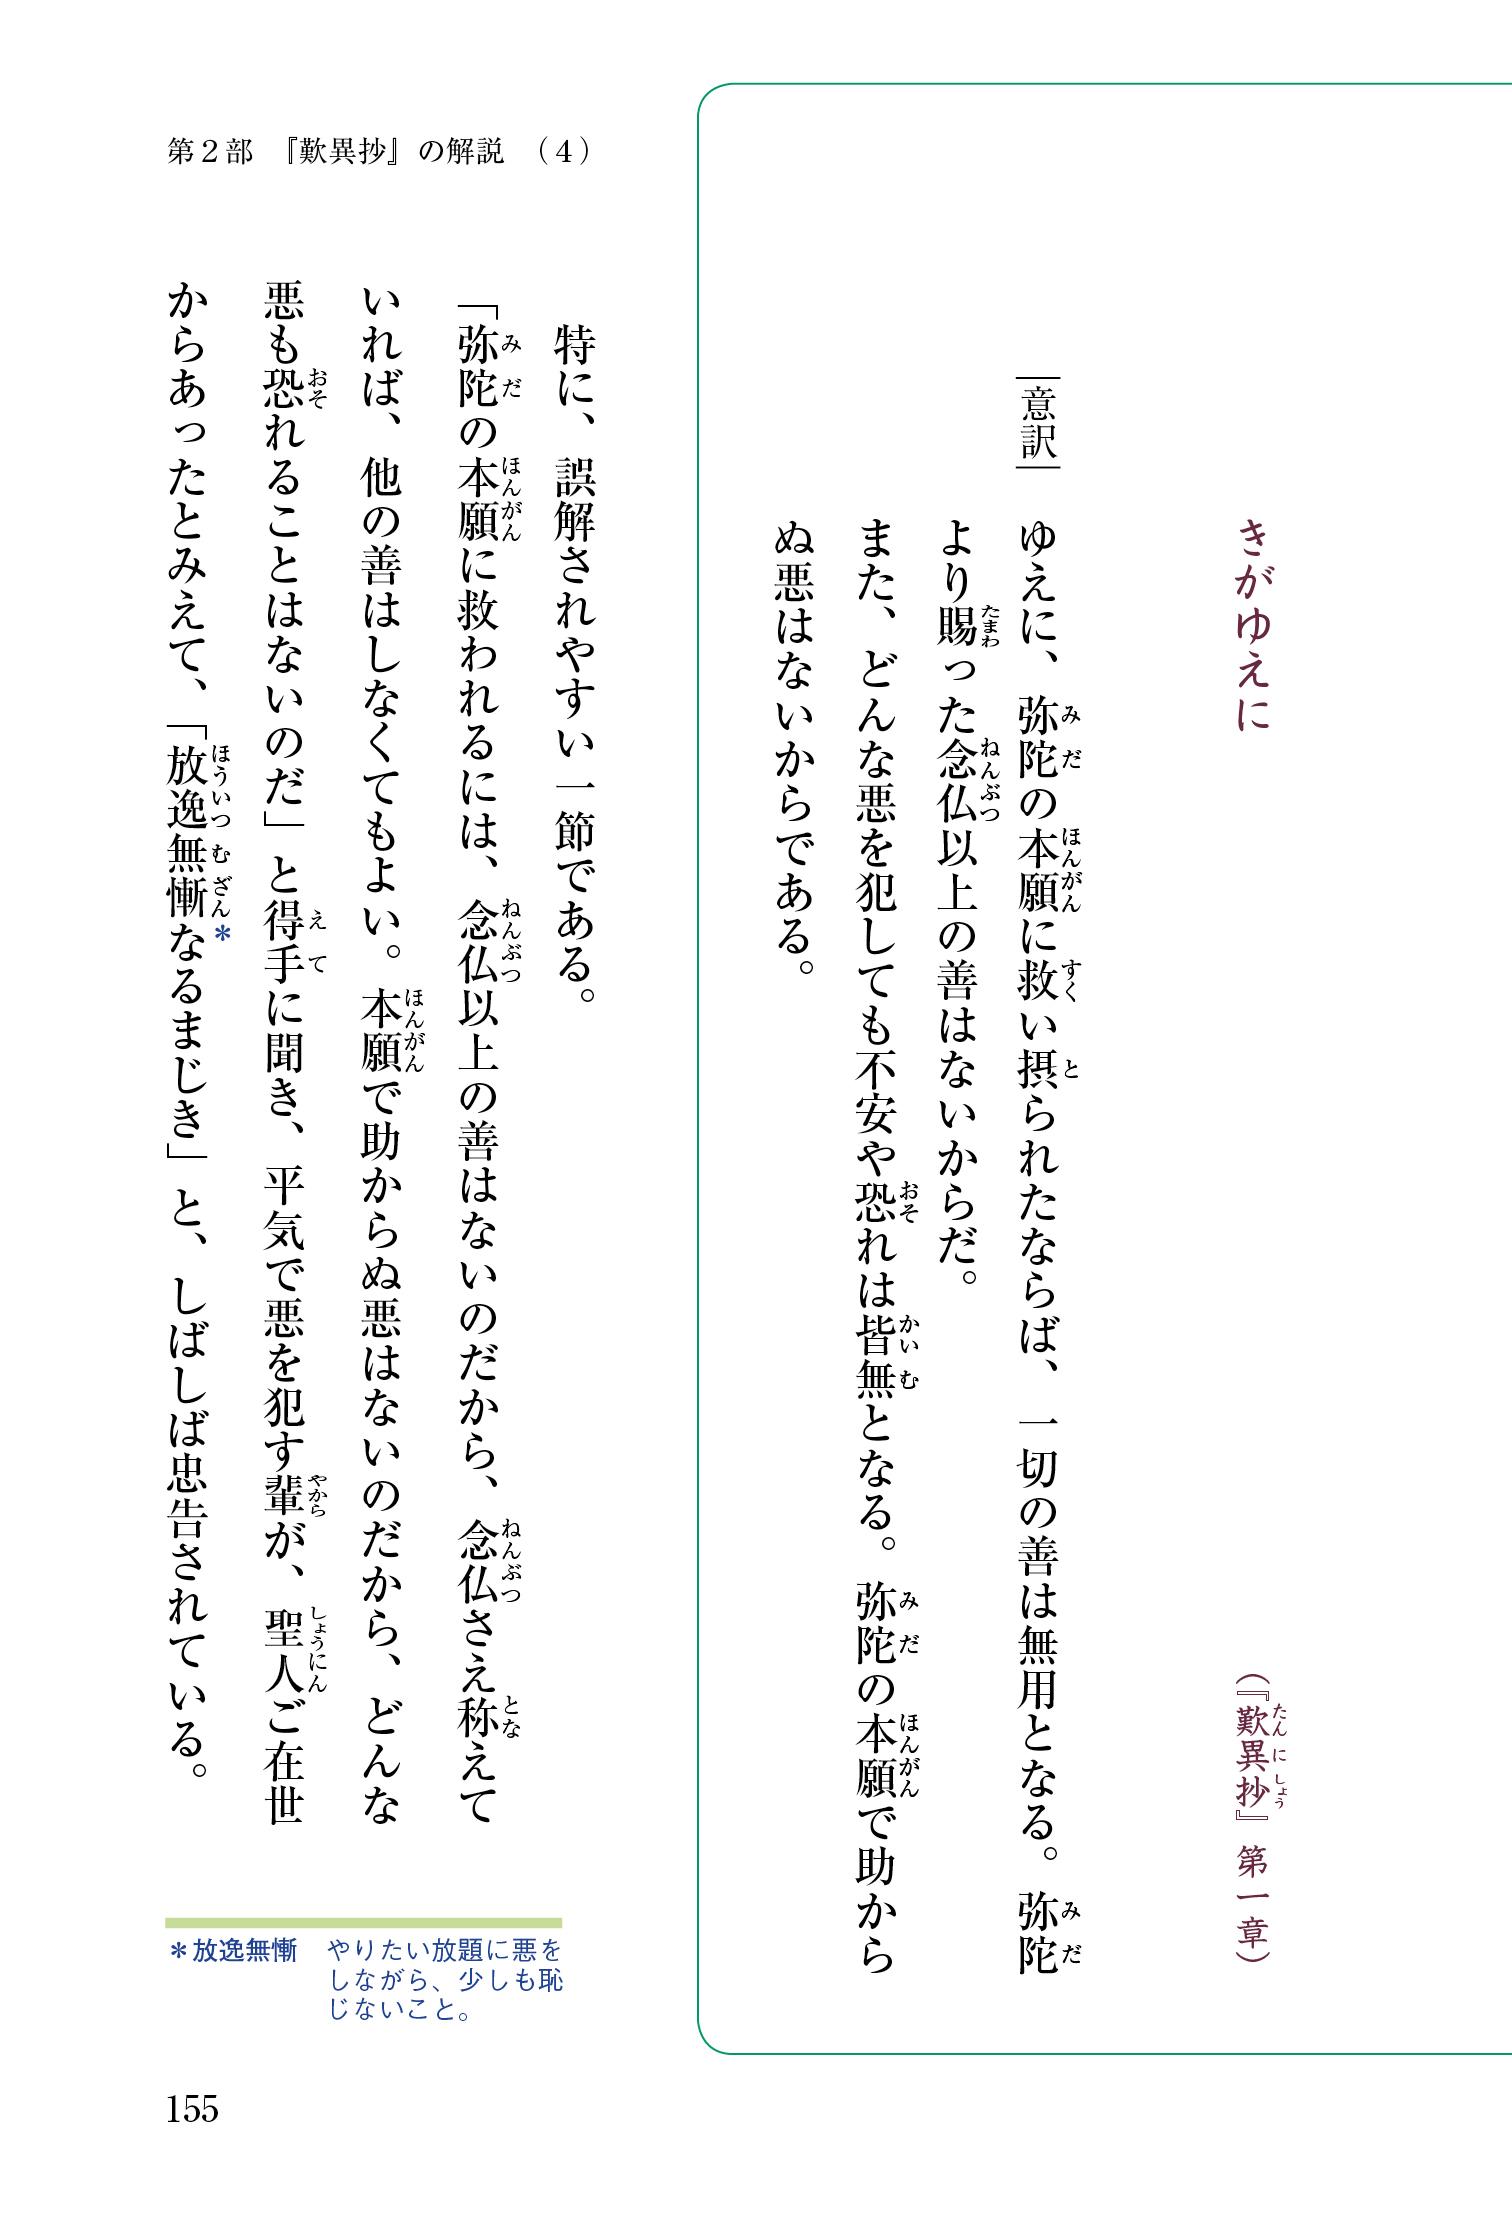 『歎異抄をひらく』を試し読みの画像4